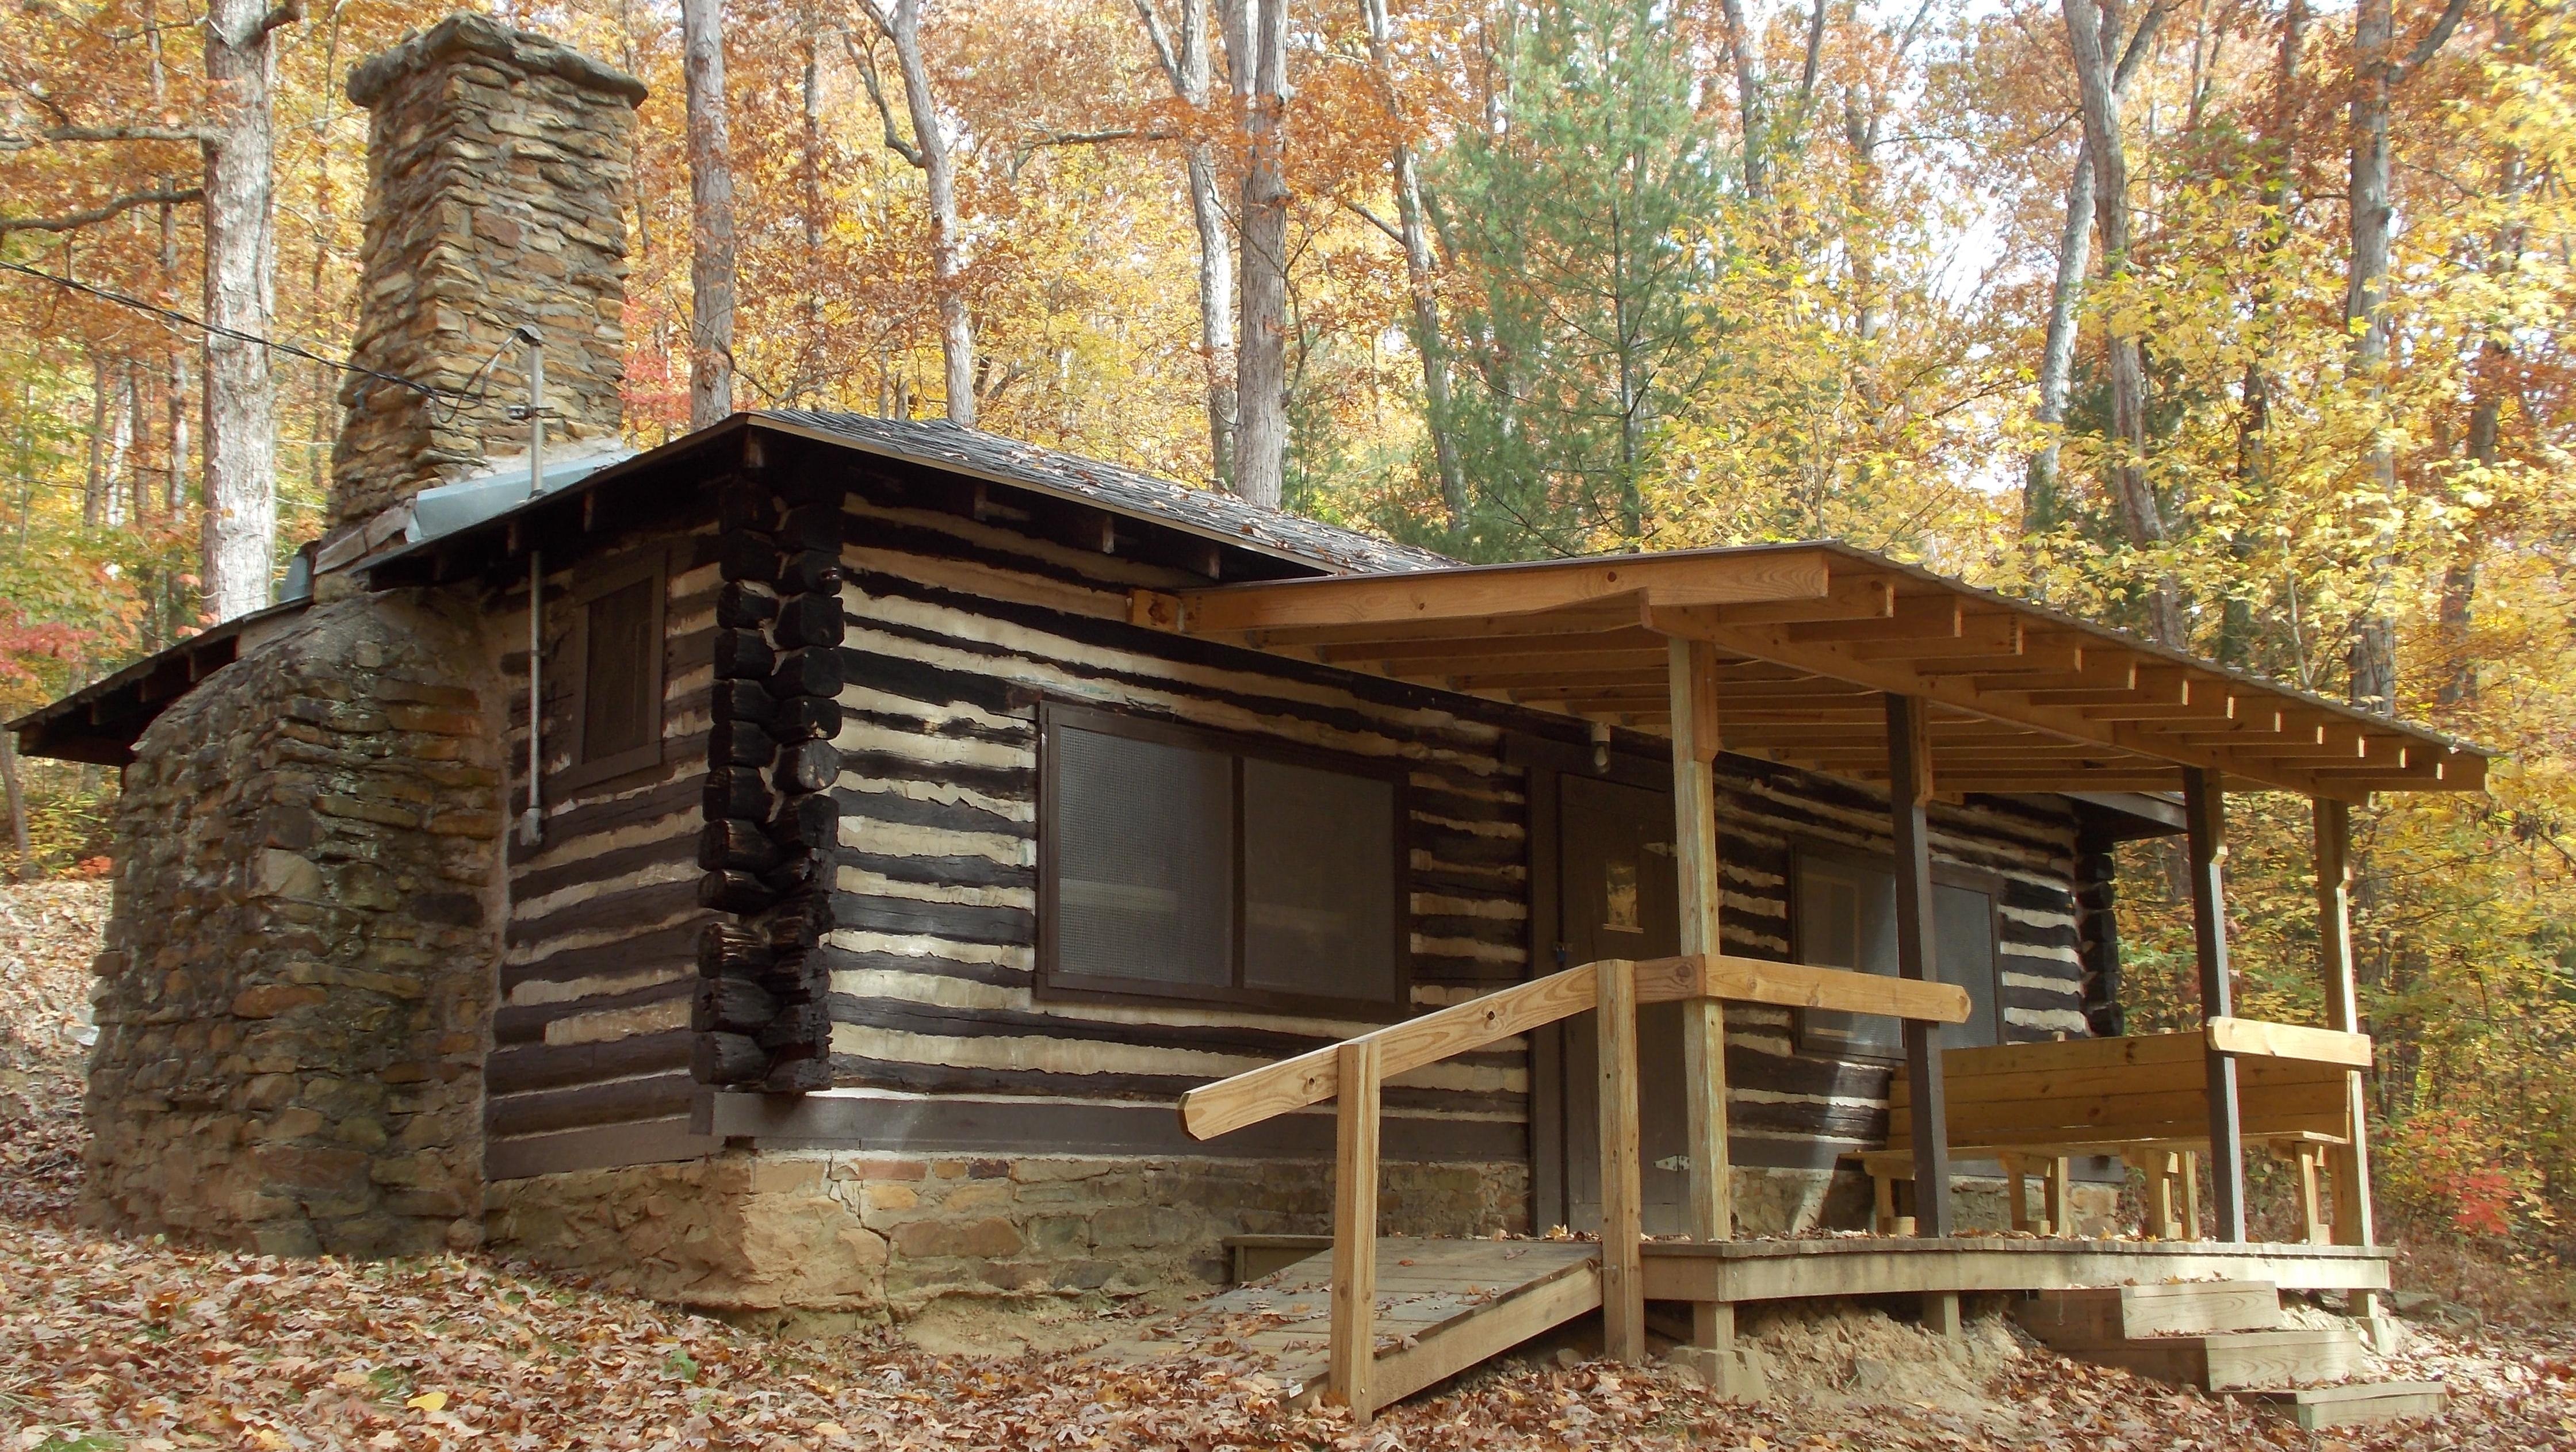 cabin of good cabins in x dream sale ohio photo city att for